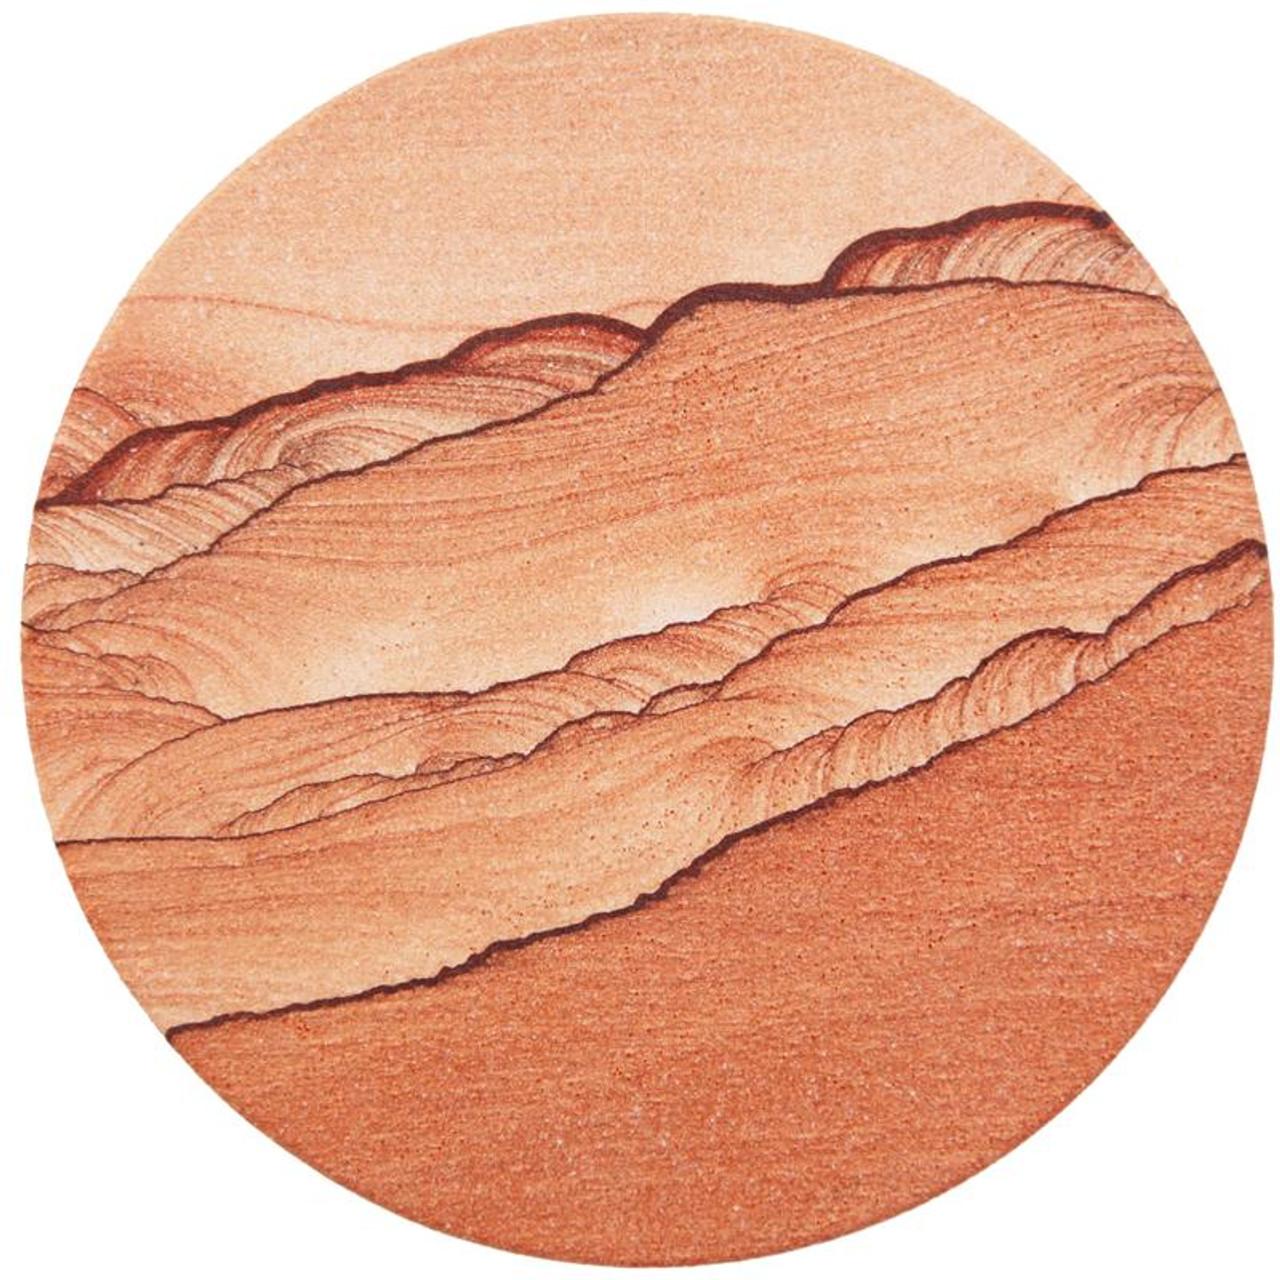 Natural Sandstone Coaster - Round